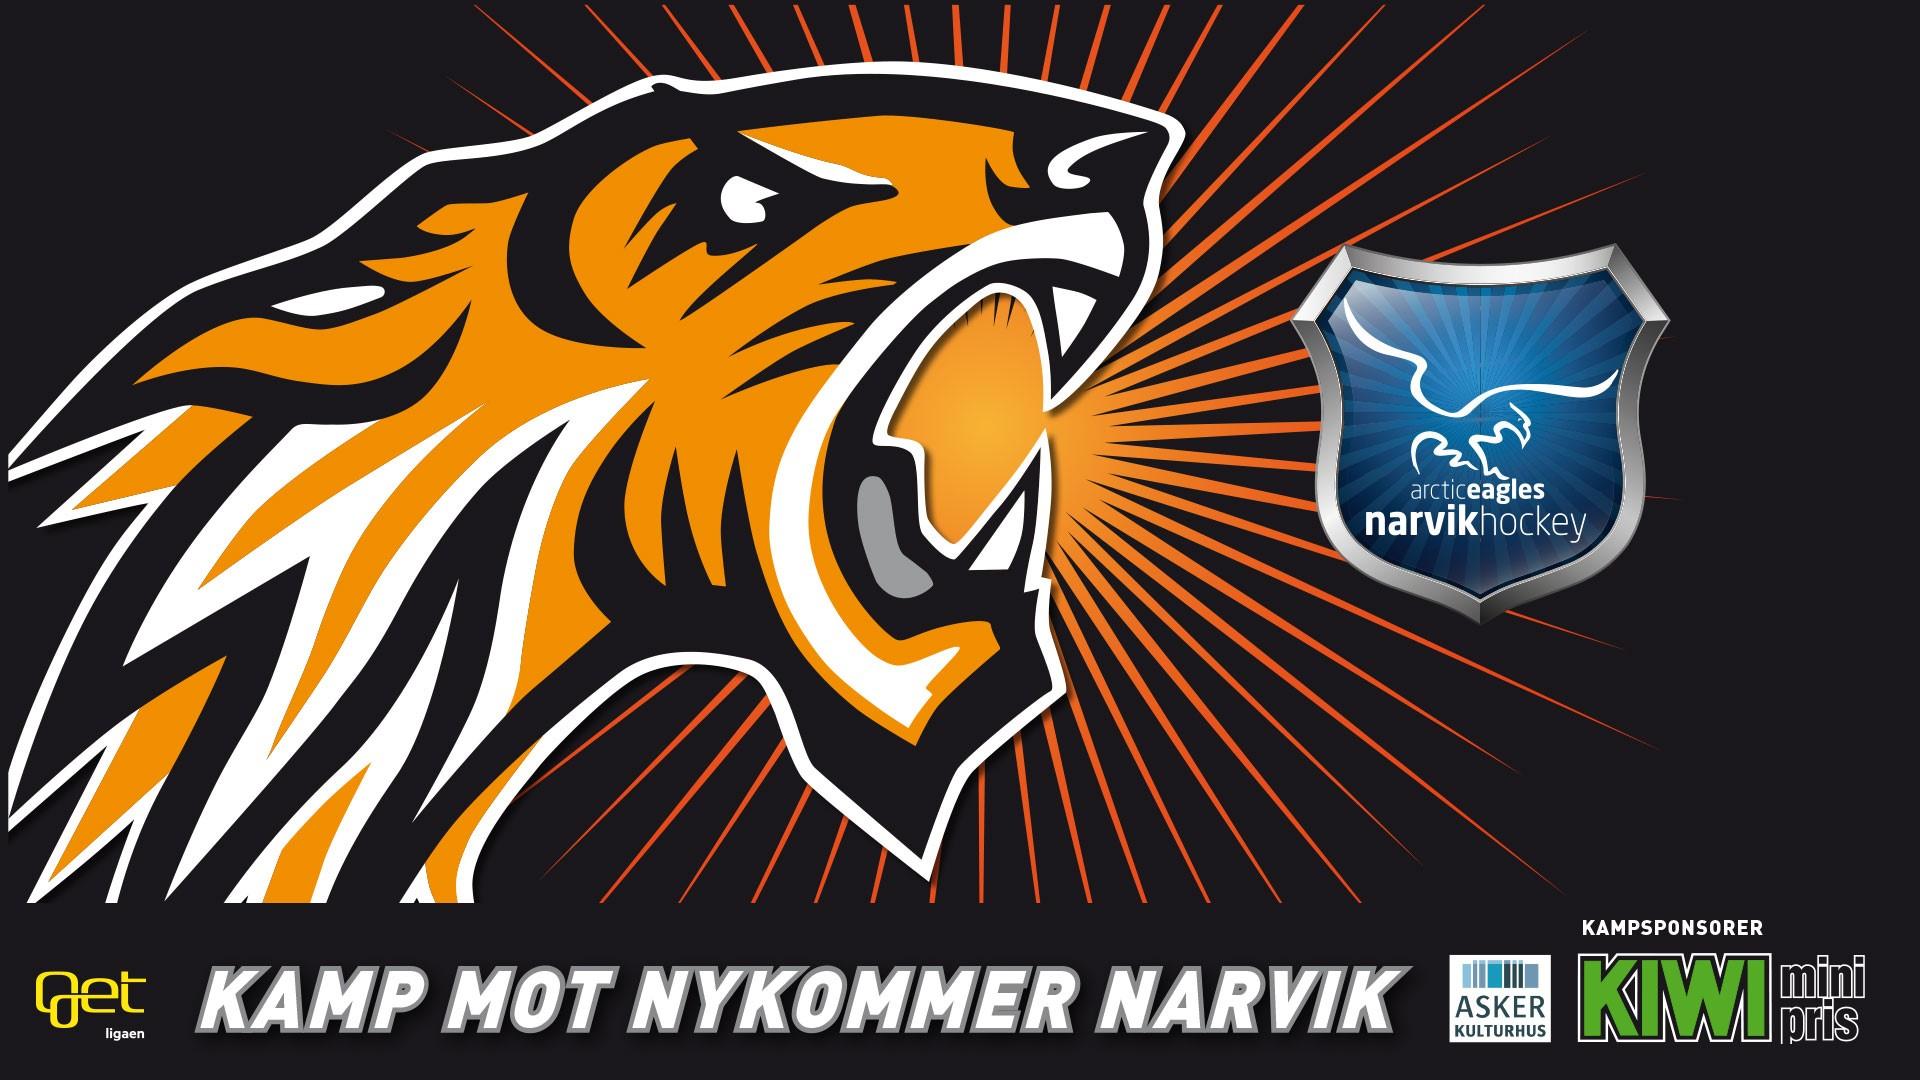 Kampplakat mot Narvik